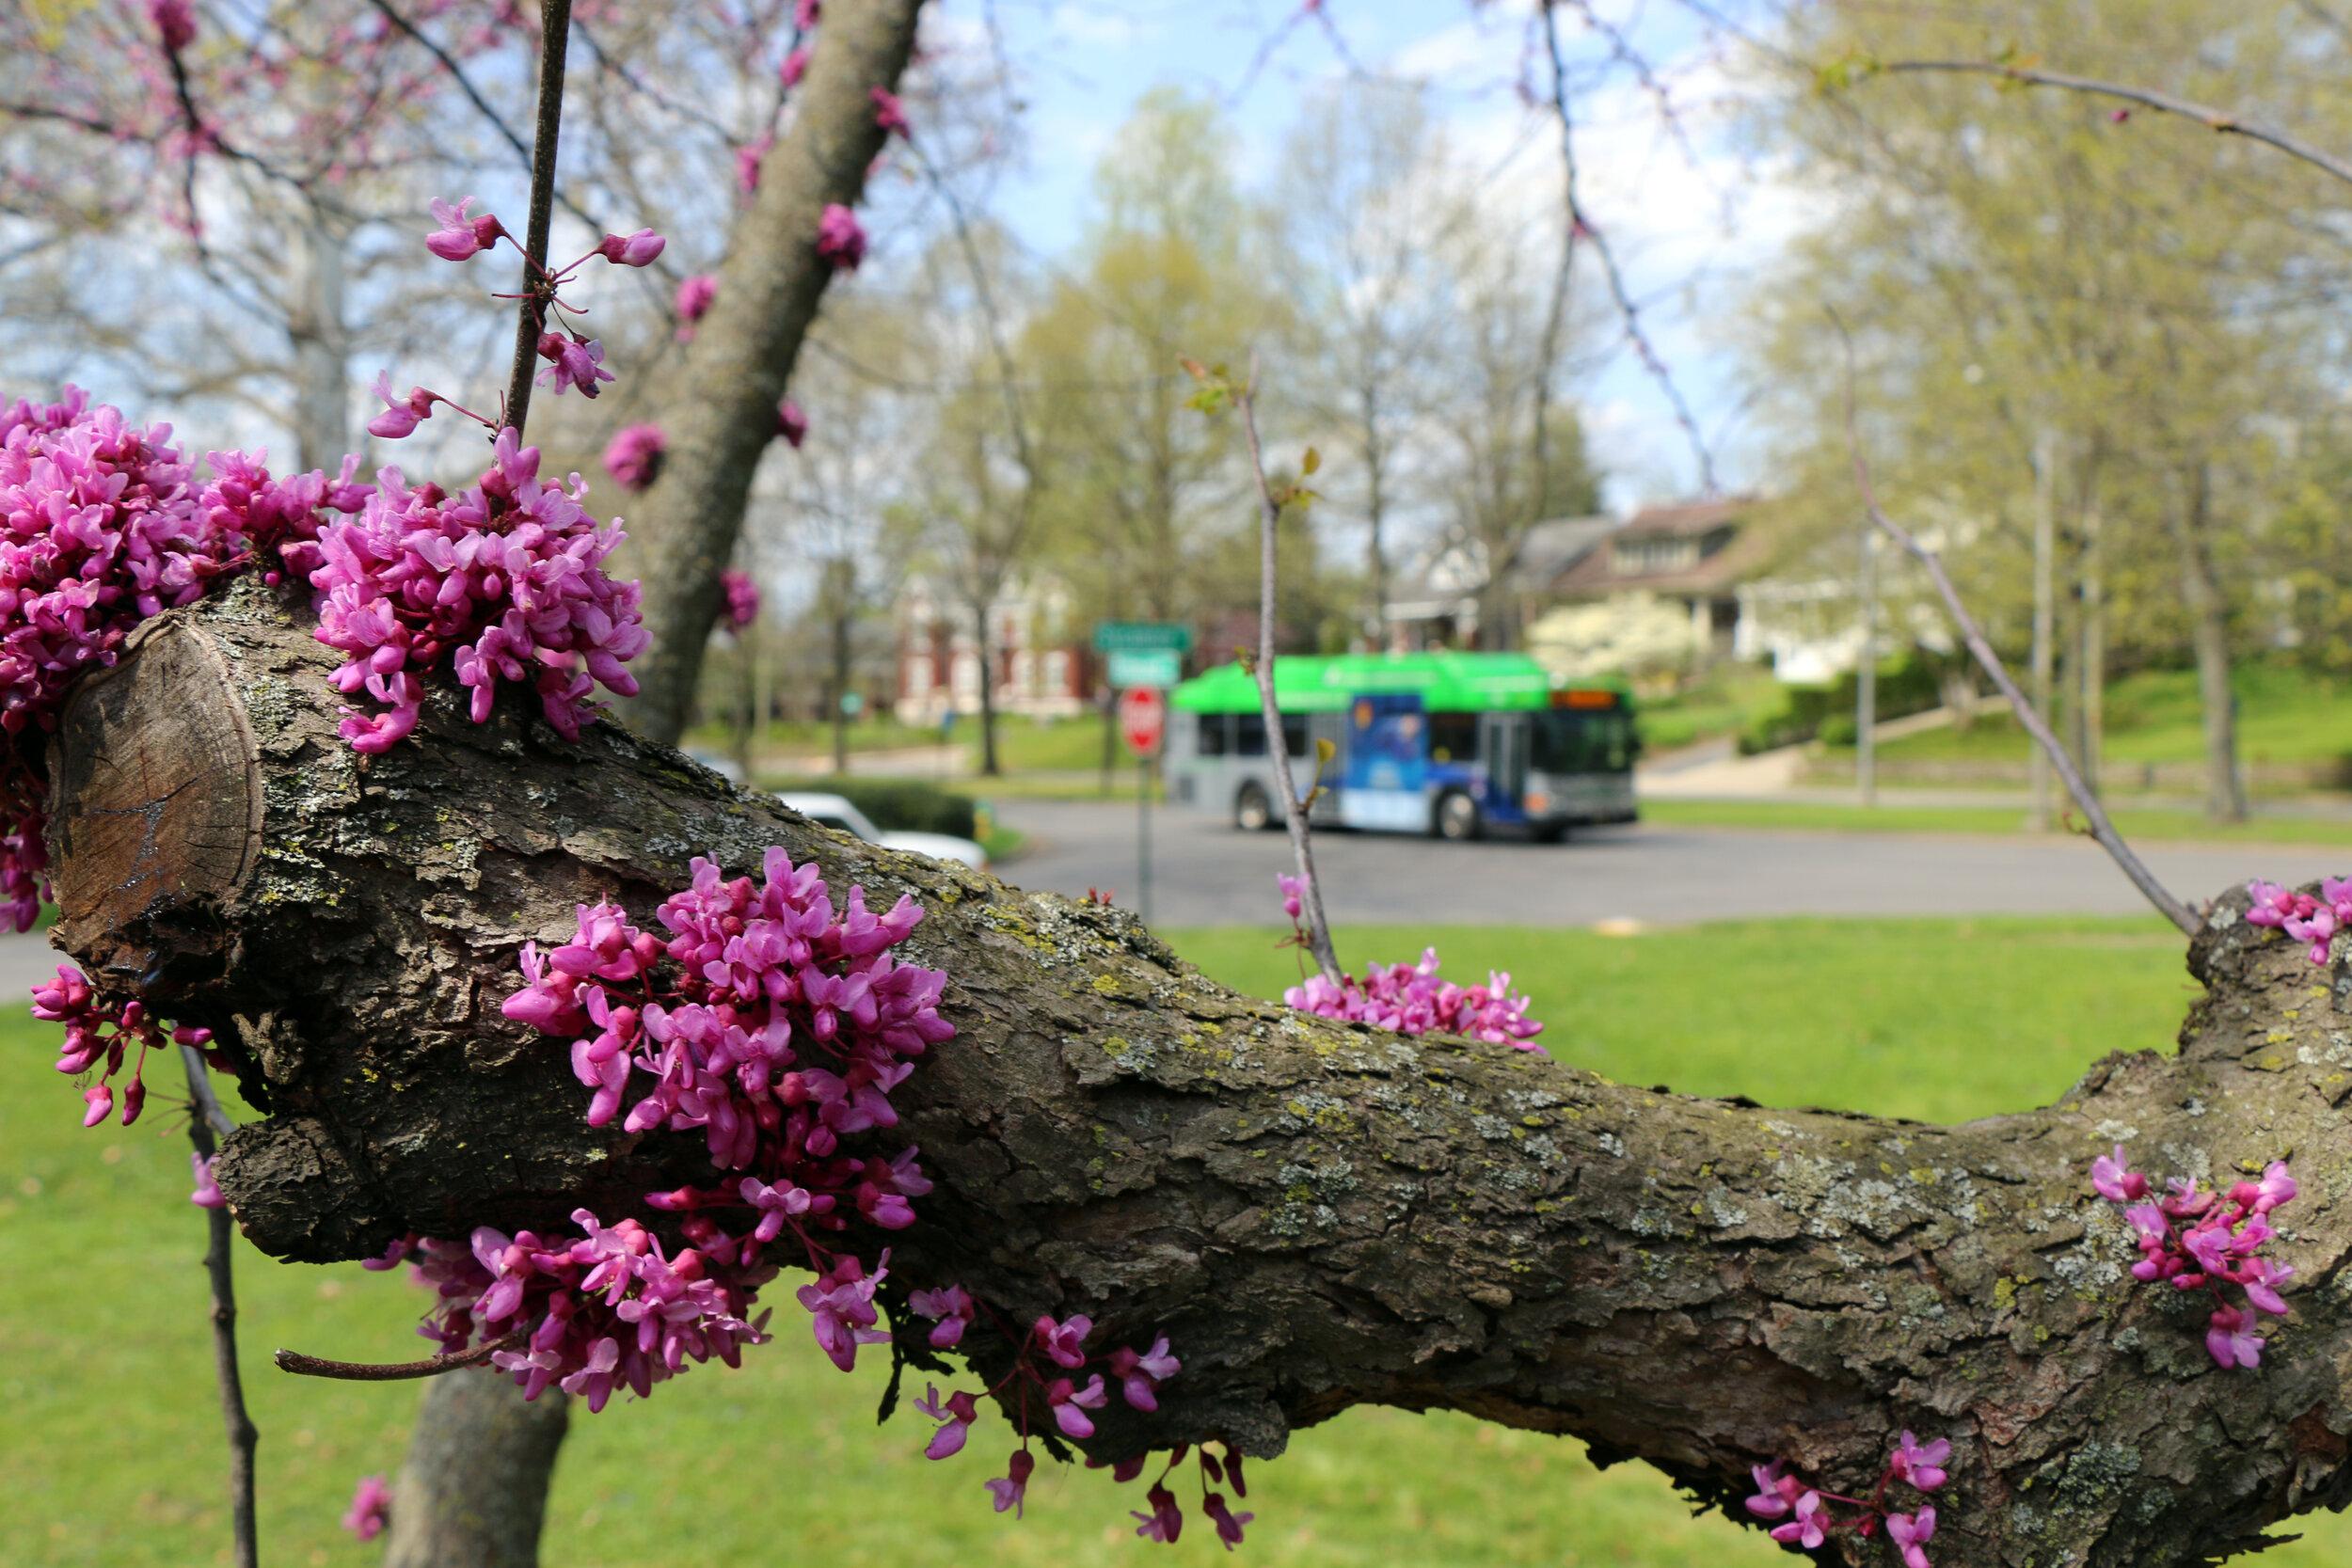 Bus_Flowers.JPG